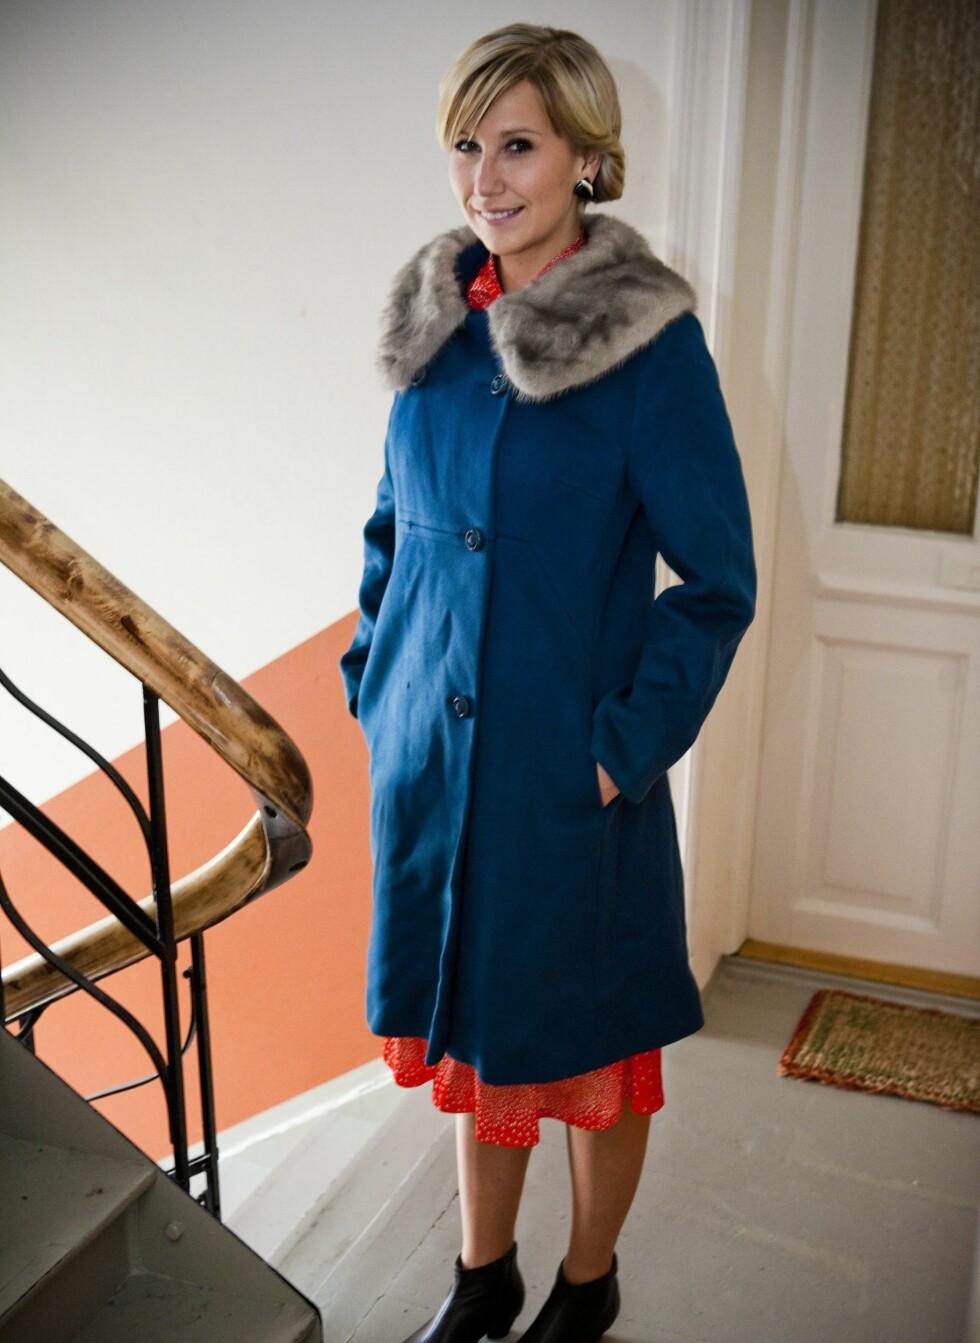 Denne lekre kåpen har Guro arvet av søsteren sin, som fant den på Fretex på Grønland i Oslo. Foto: Per Ervland